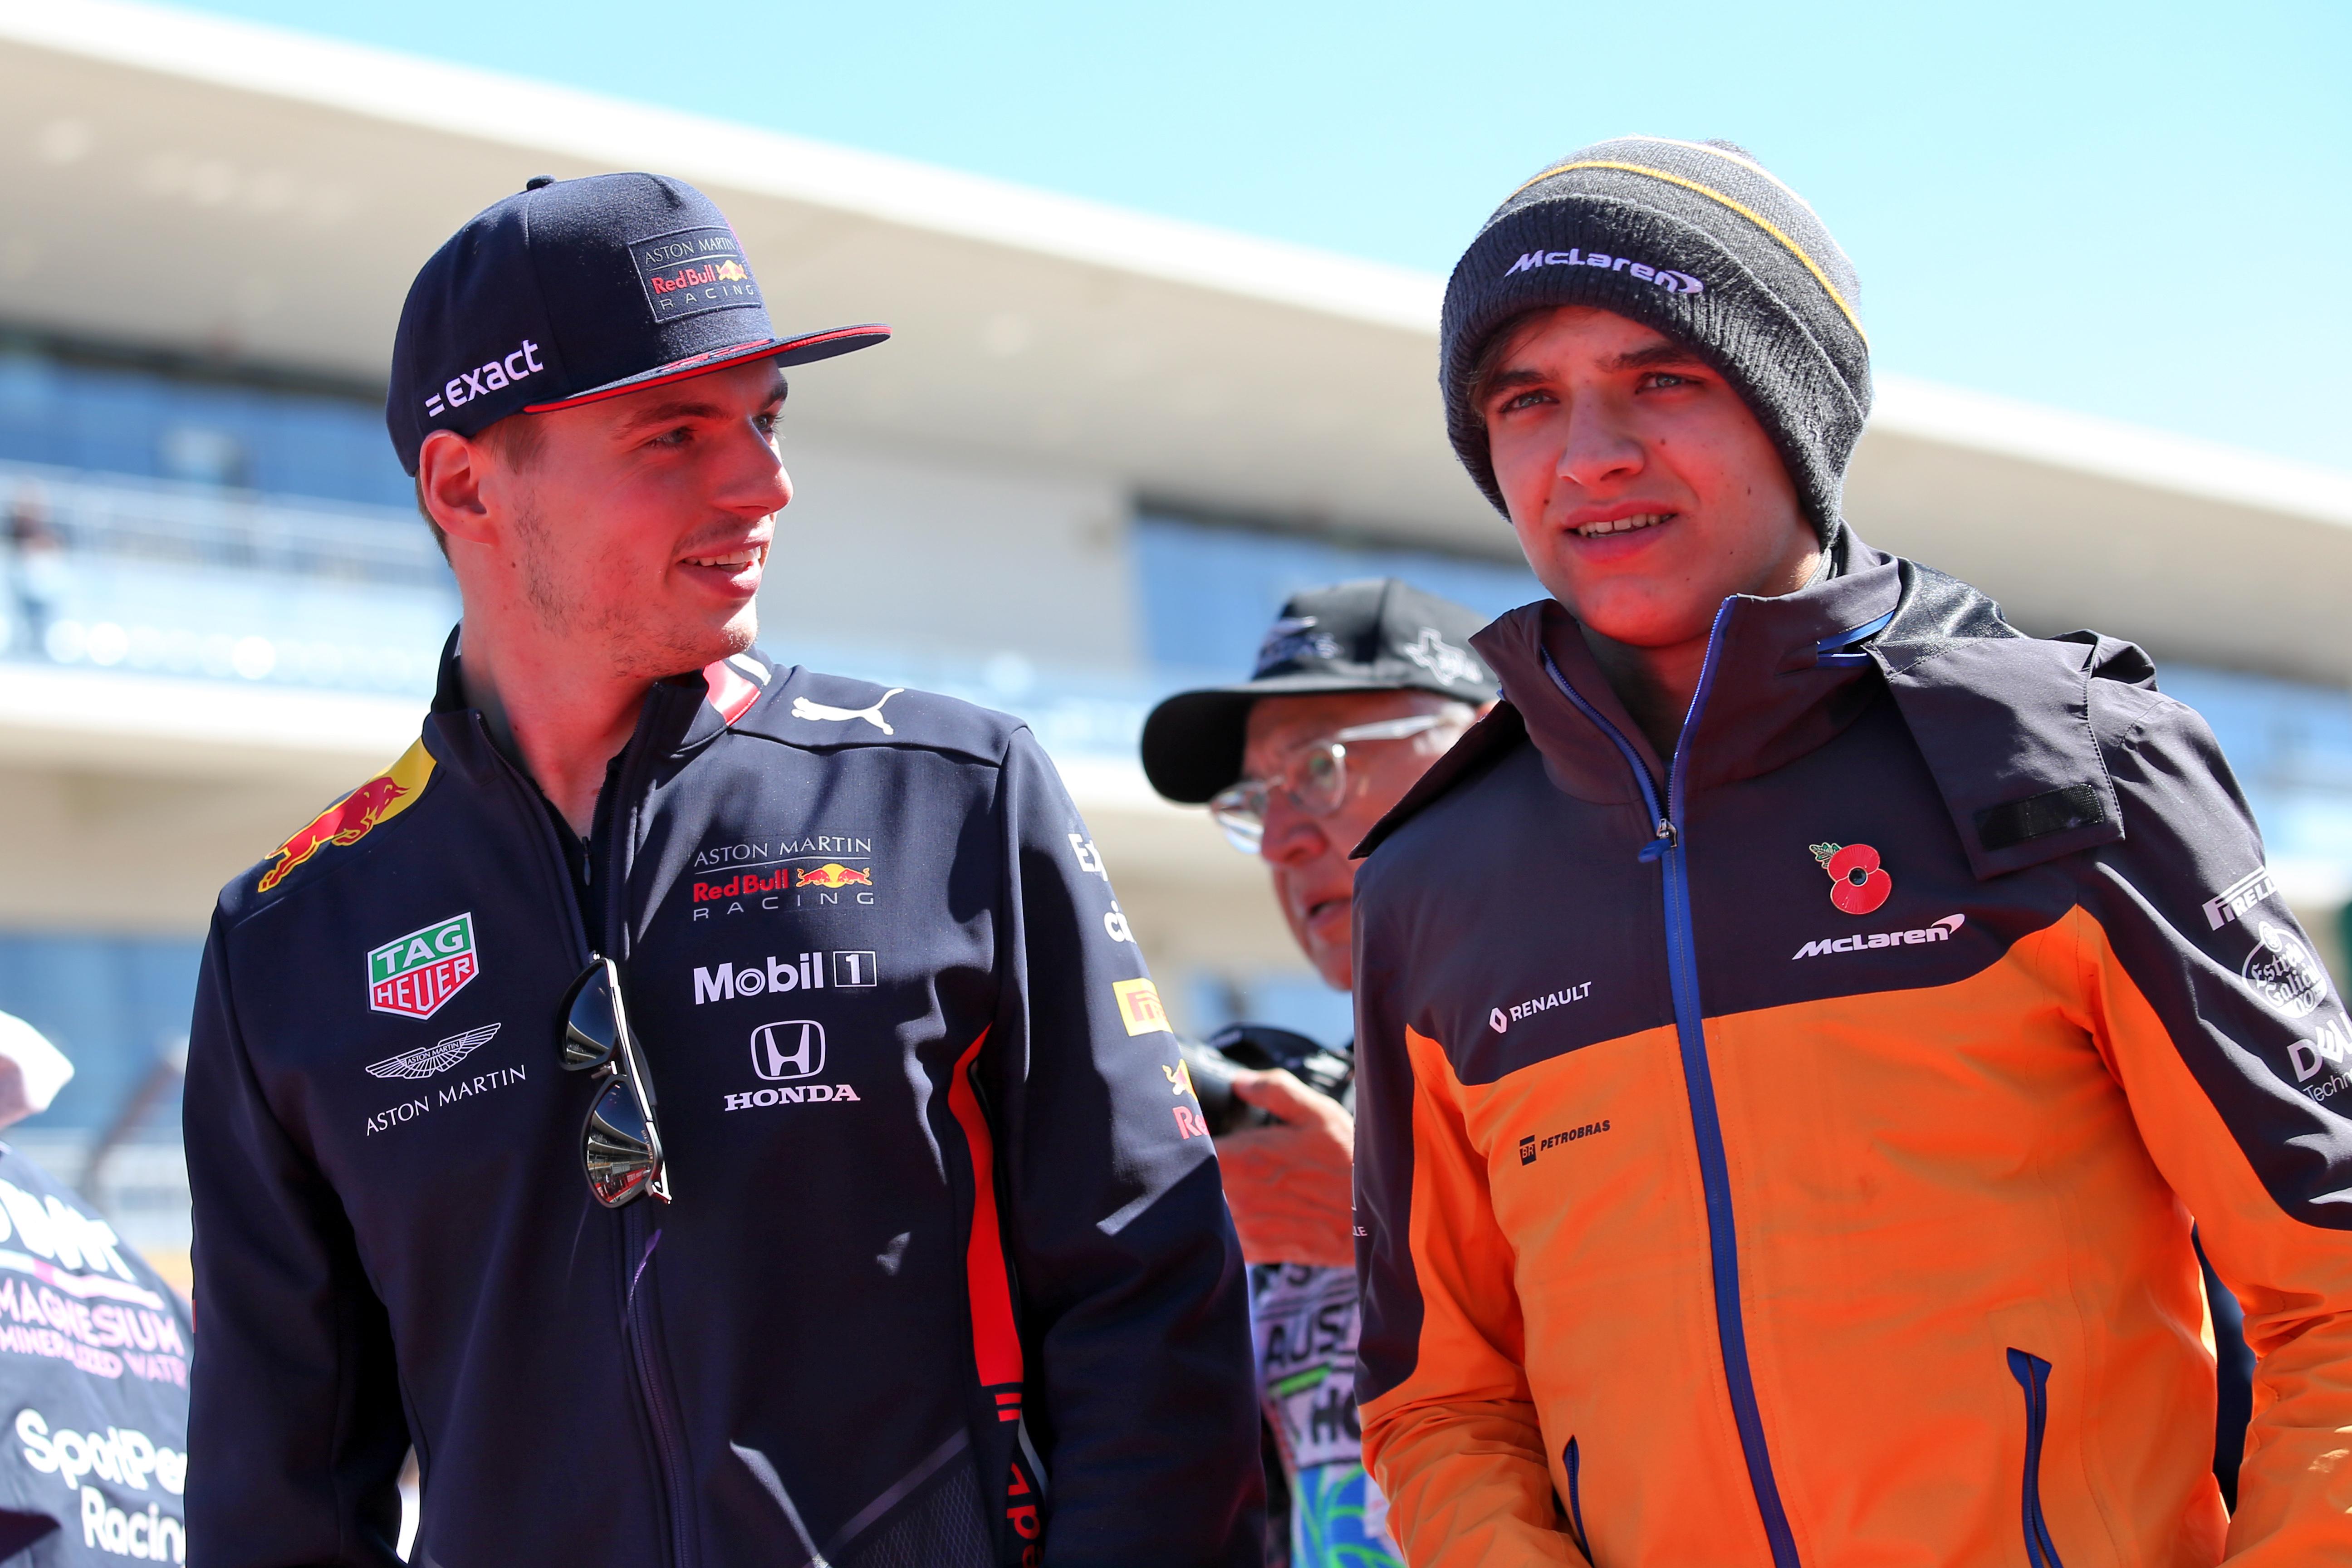 Max Verstappen Lando Norris Red Bull McLaren F1 2019